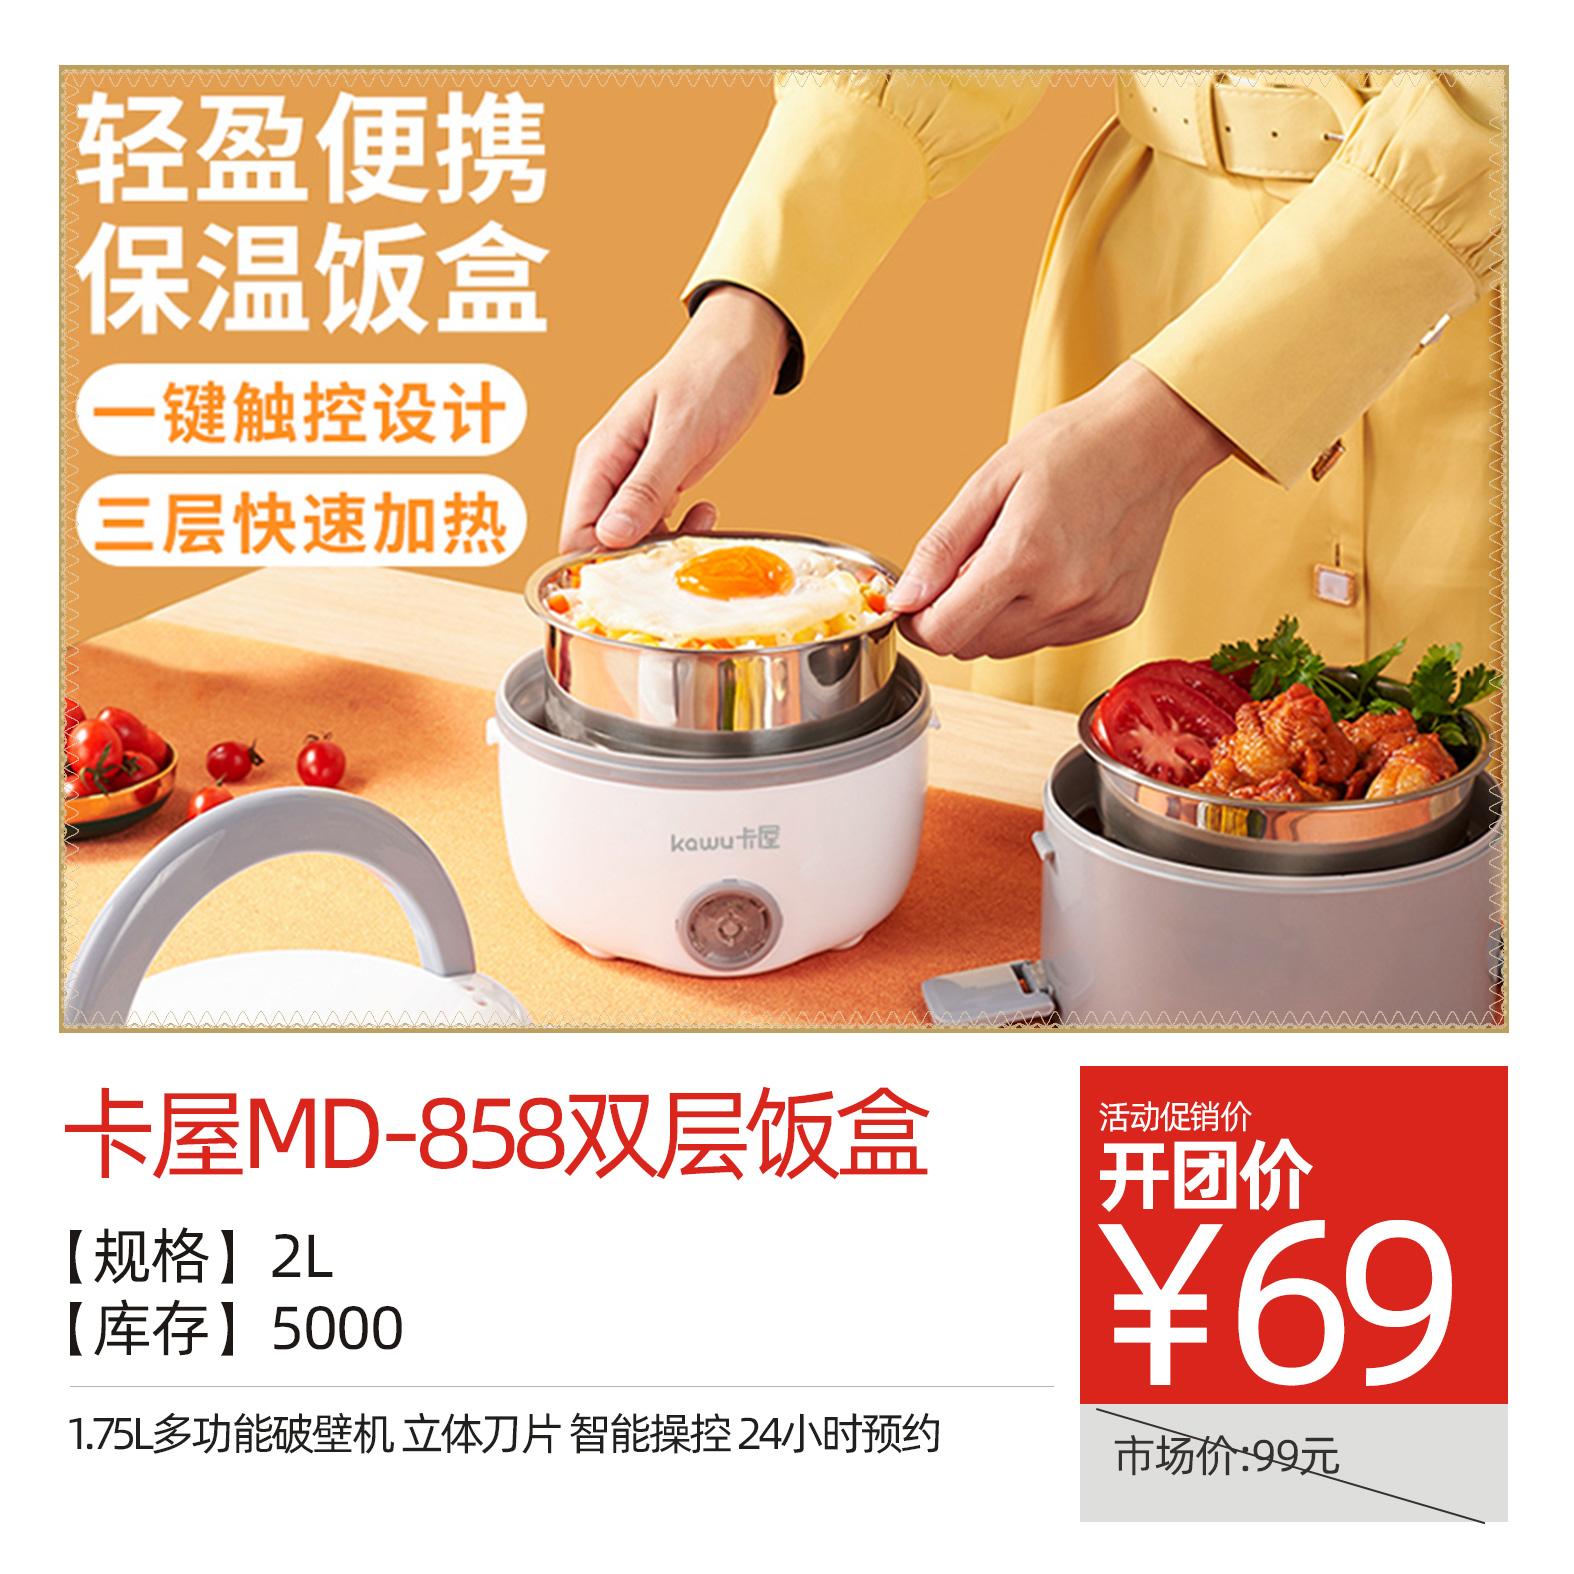 卡屋MD-858双层饭盒